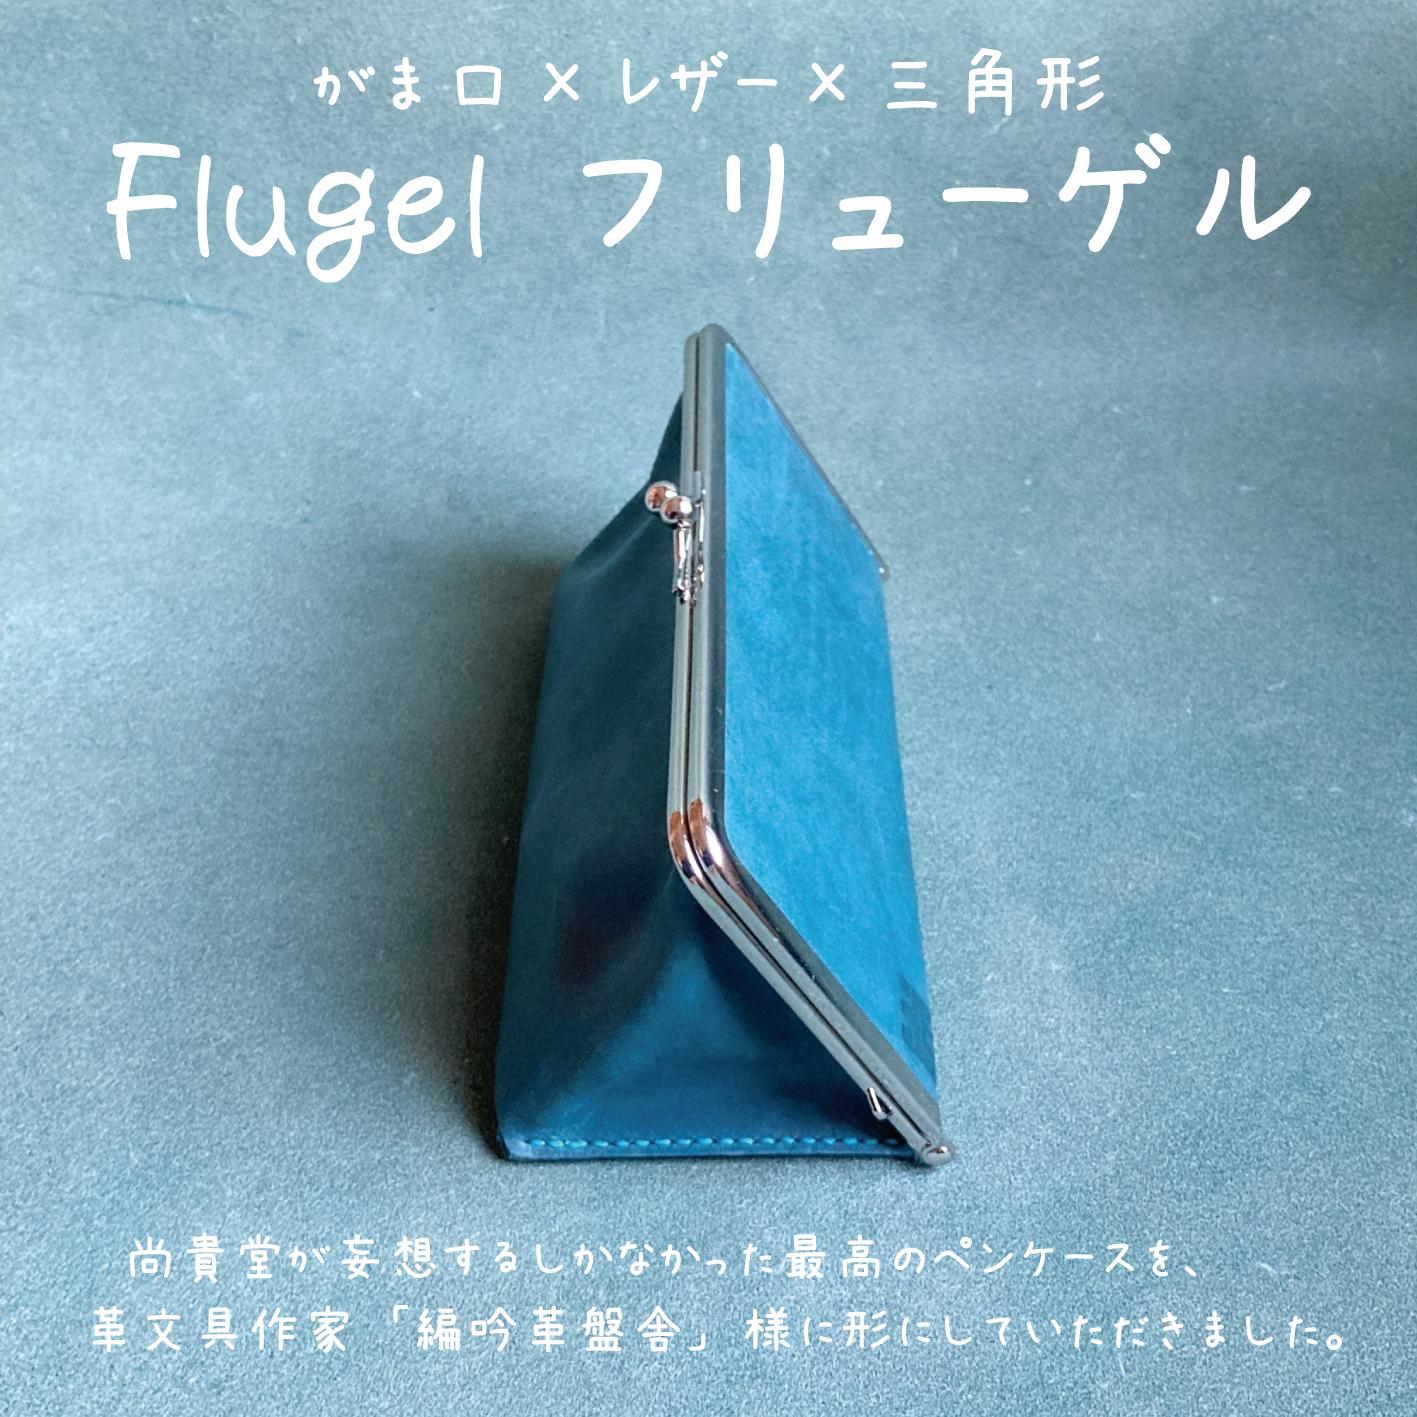 がま口レザーペンケース「Flugel」